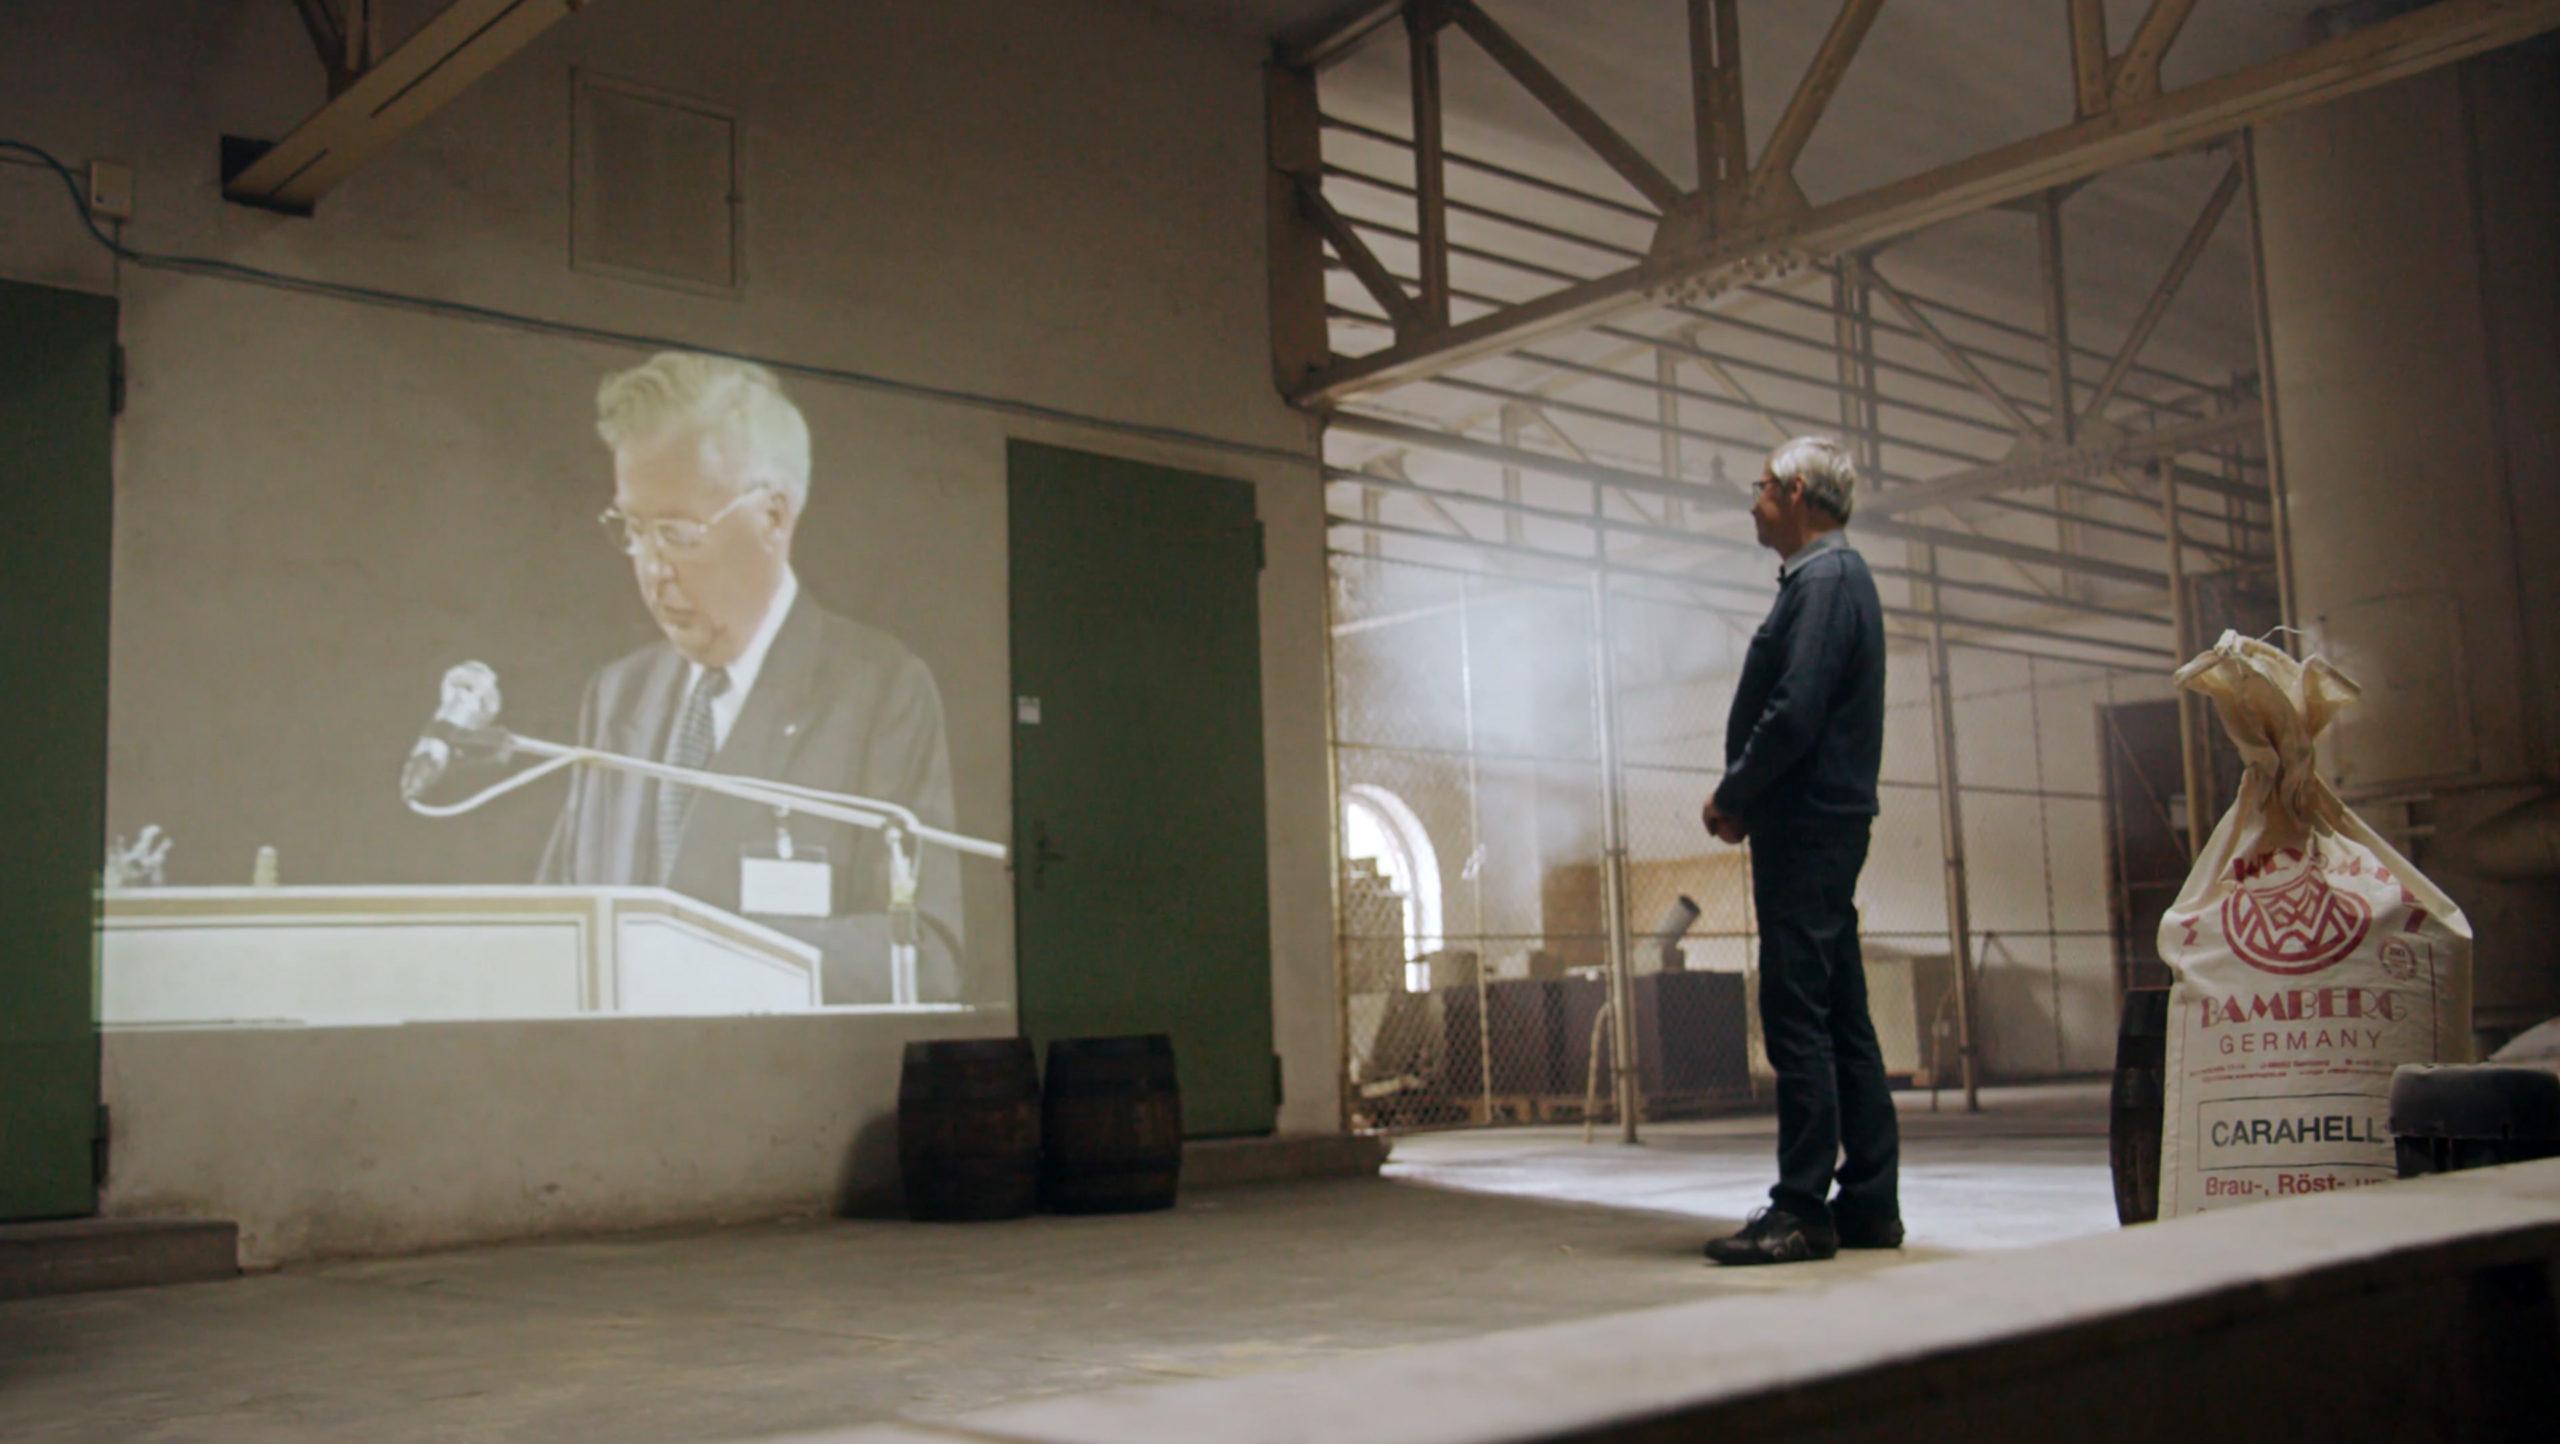 Filmproduktion Imagefilm Landskron Kulturbrauerei Stadt Görlitz zwei Mann schaut auf Leinwand